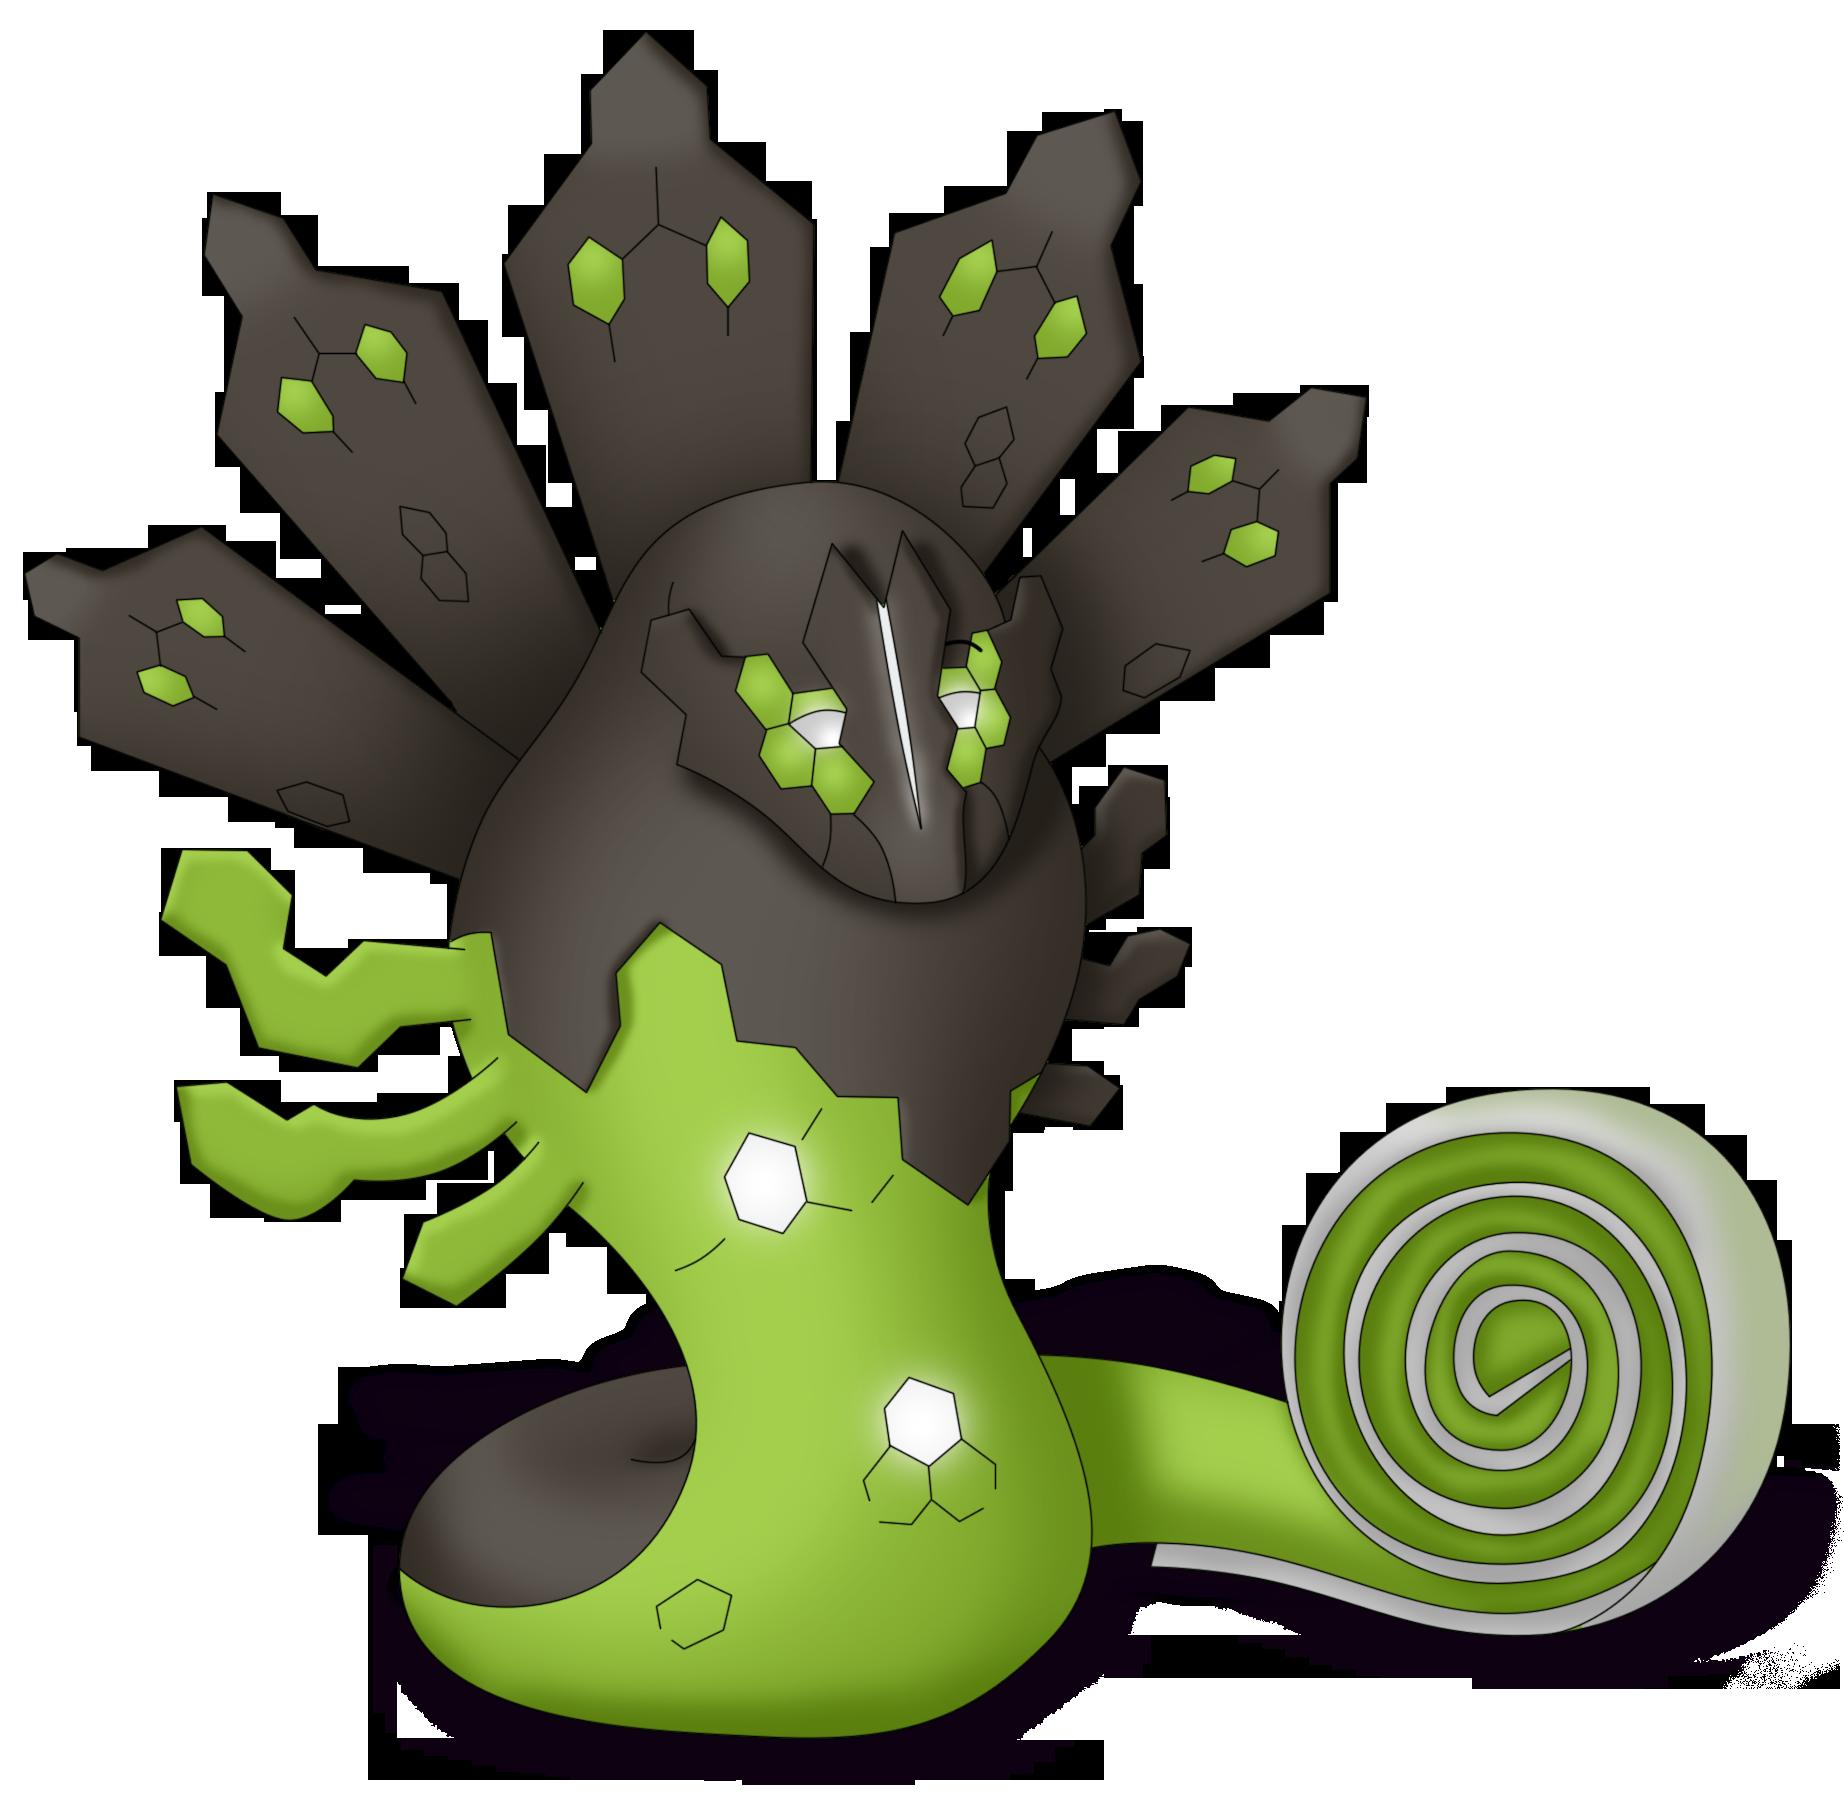 Pokemon Zygarde Drawing Images Pokemon Images